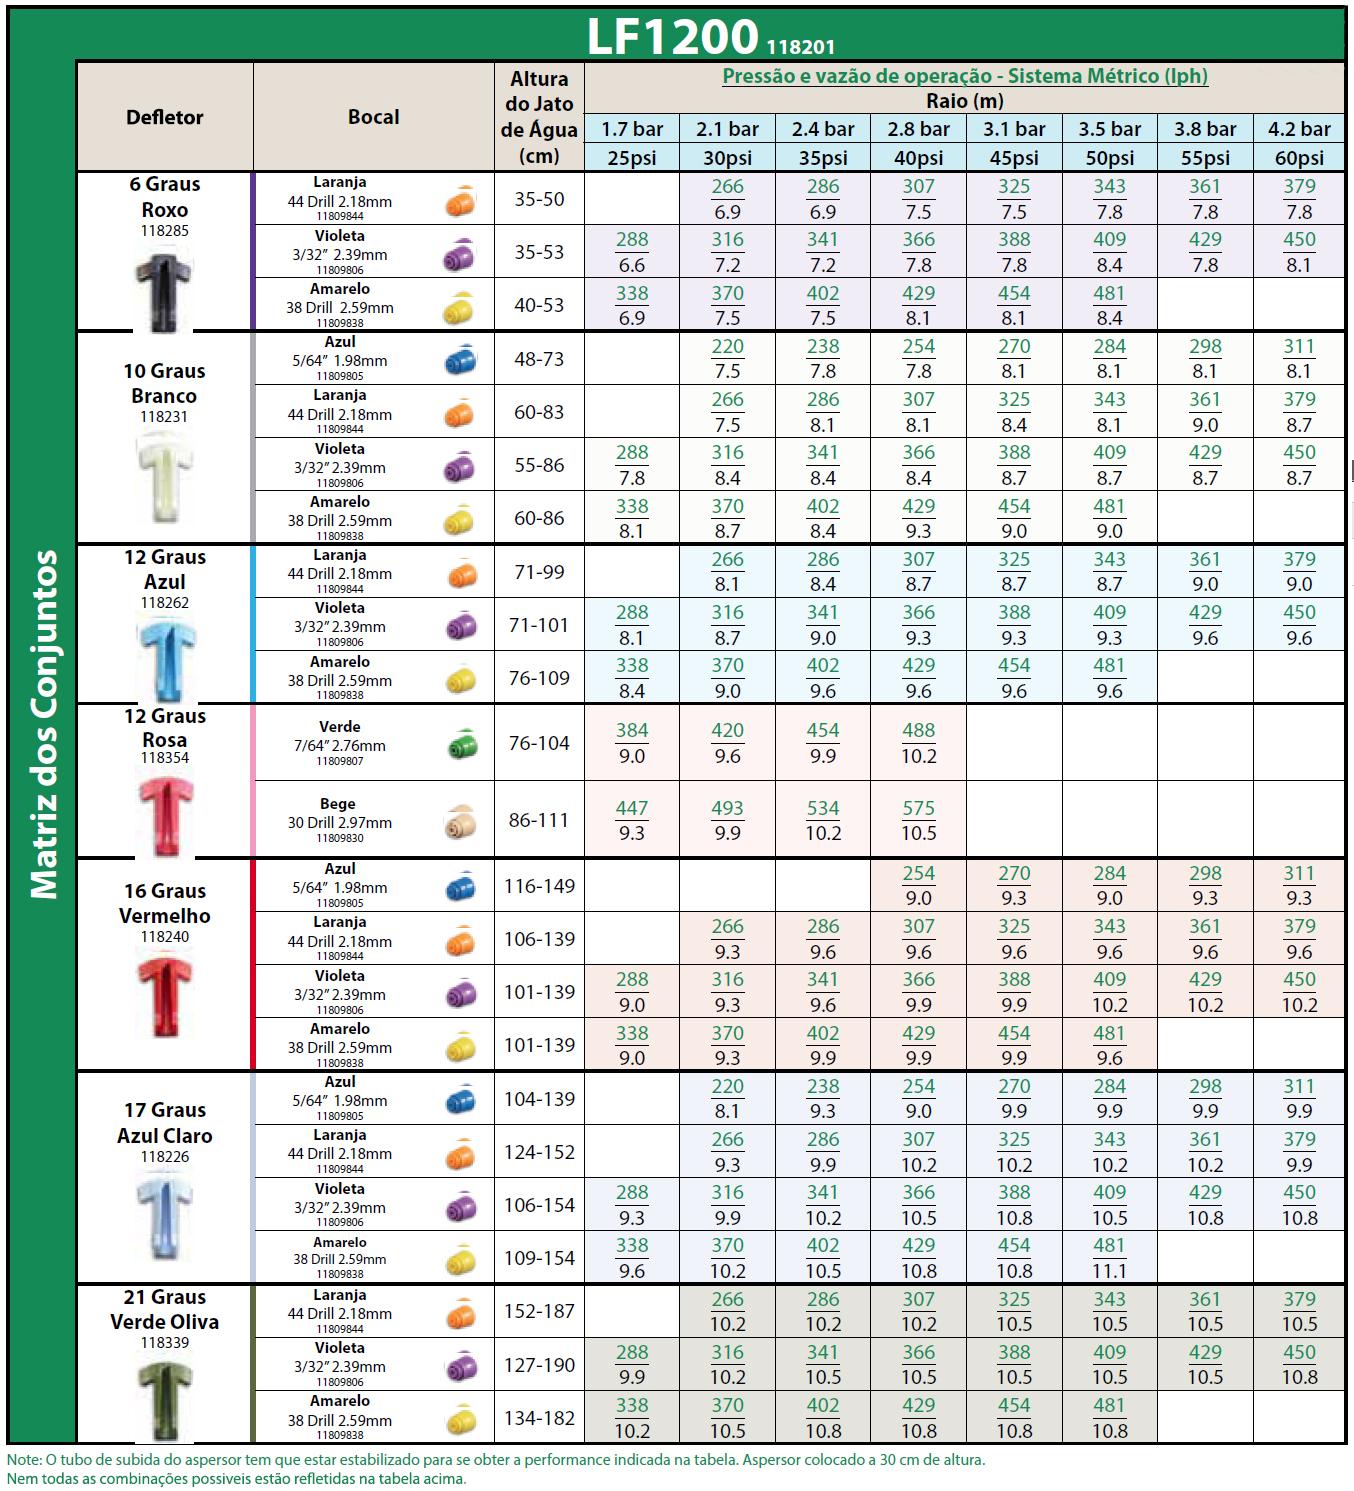 Tabela de pressão e vazão de operação - Sistema Métrico (Iph) - LF1200 118201